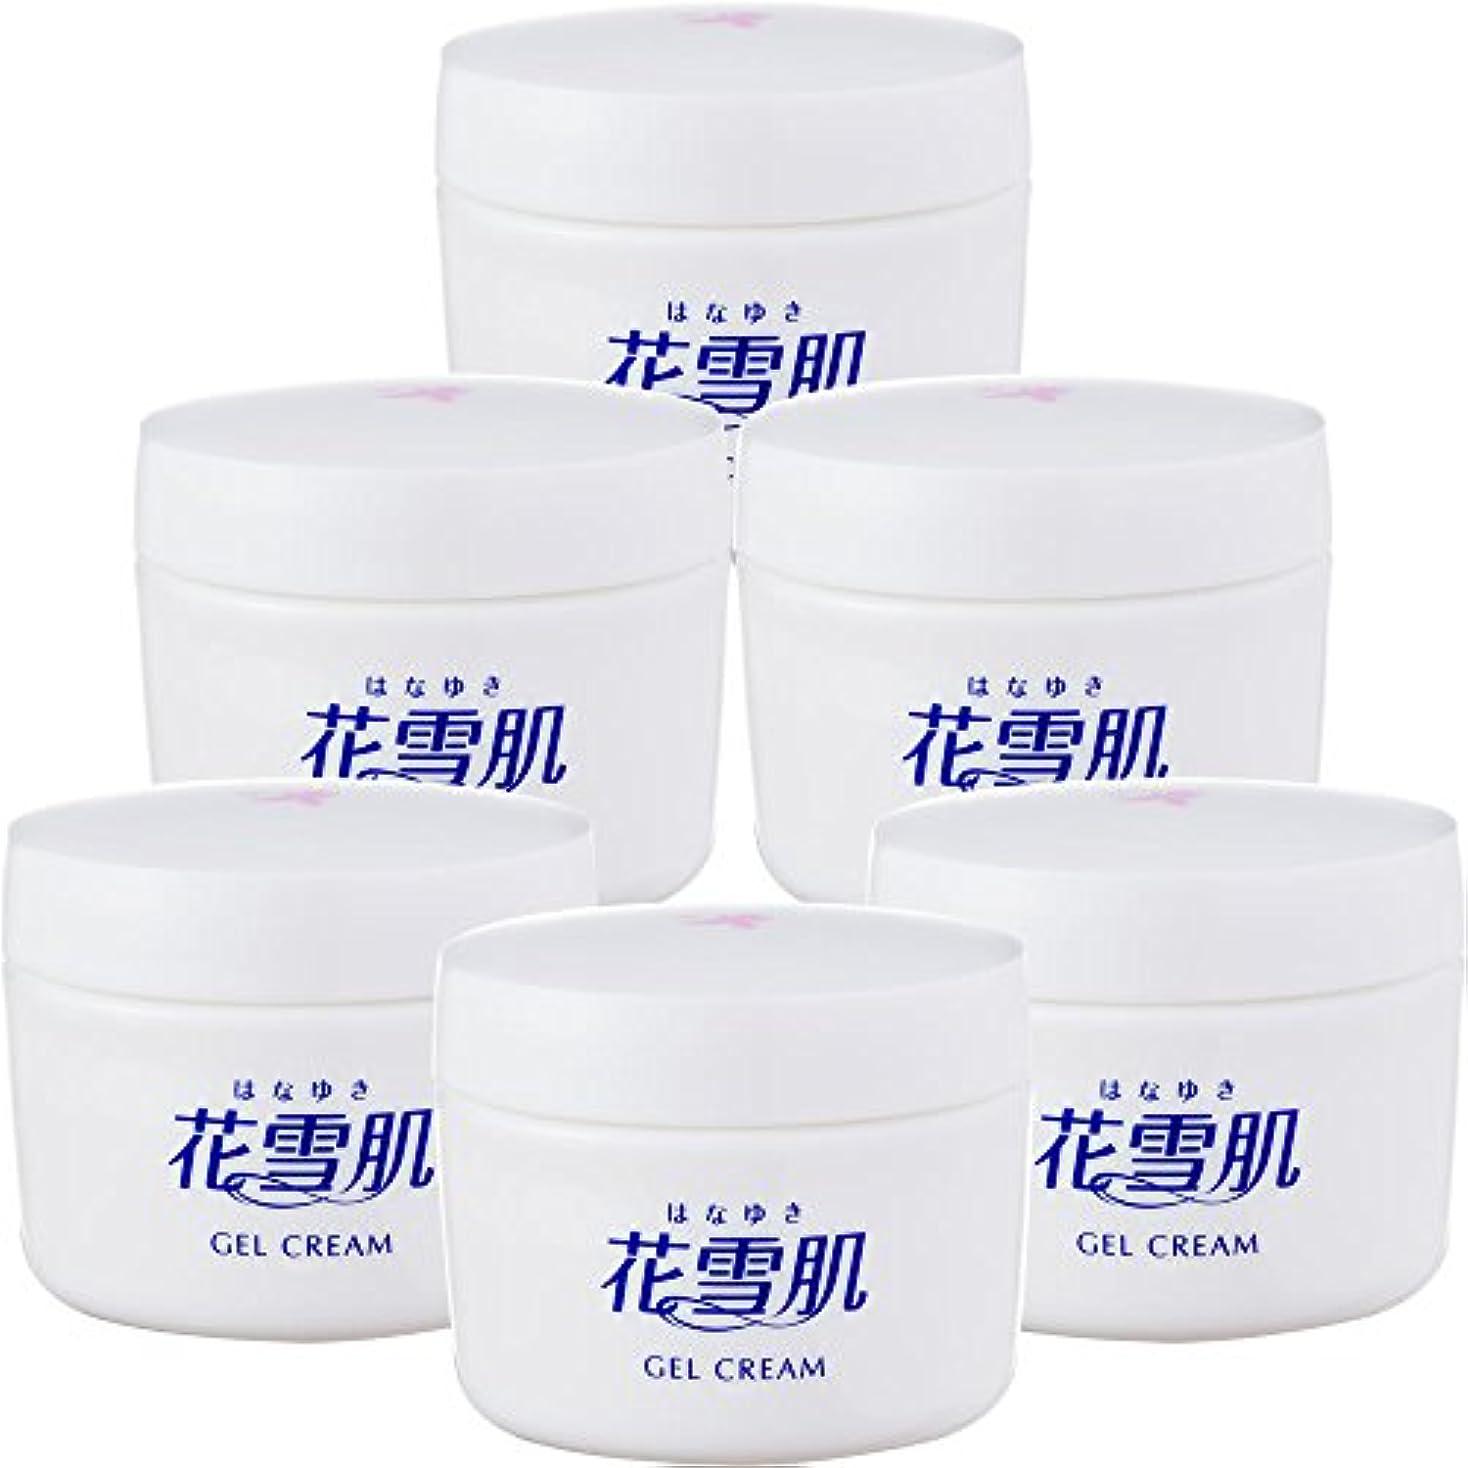 安心承認するリーチ花雪肌 ジェルクリーム (医薬部外品) [通販専用90g×6個セット] オールインワン コラーゲン ヒアルロン酸